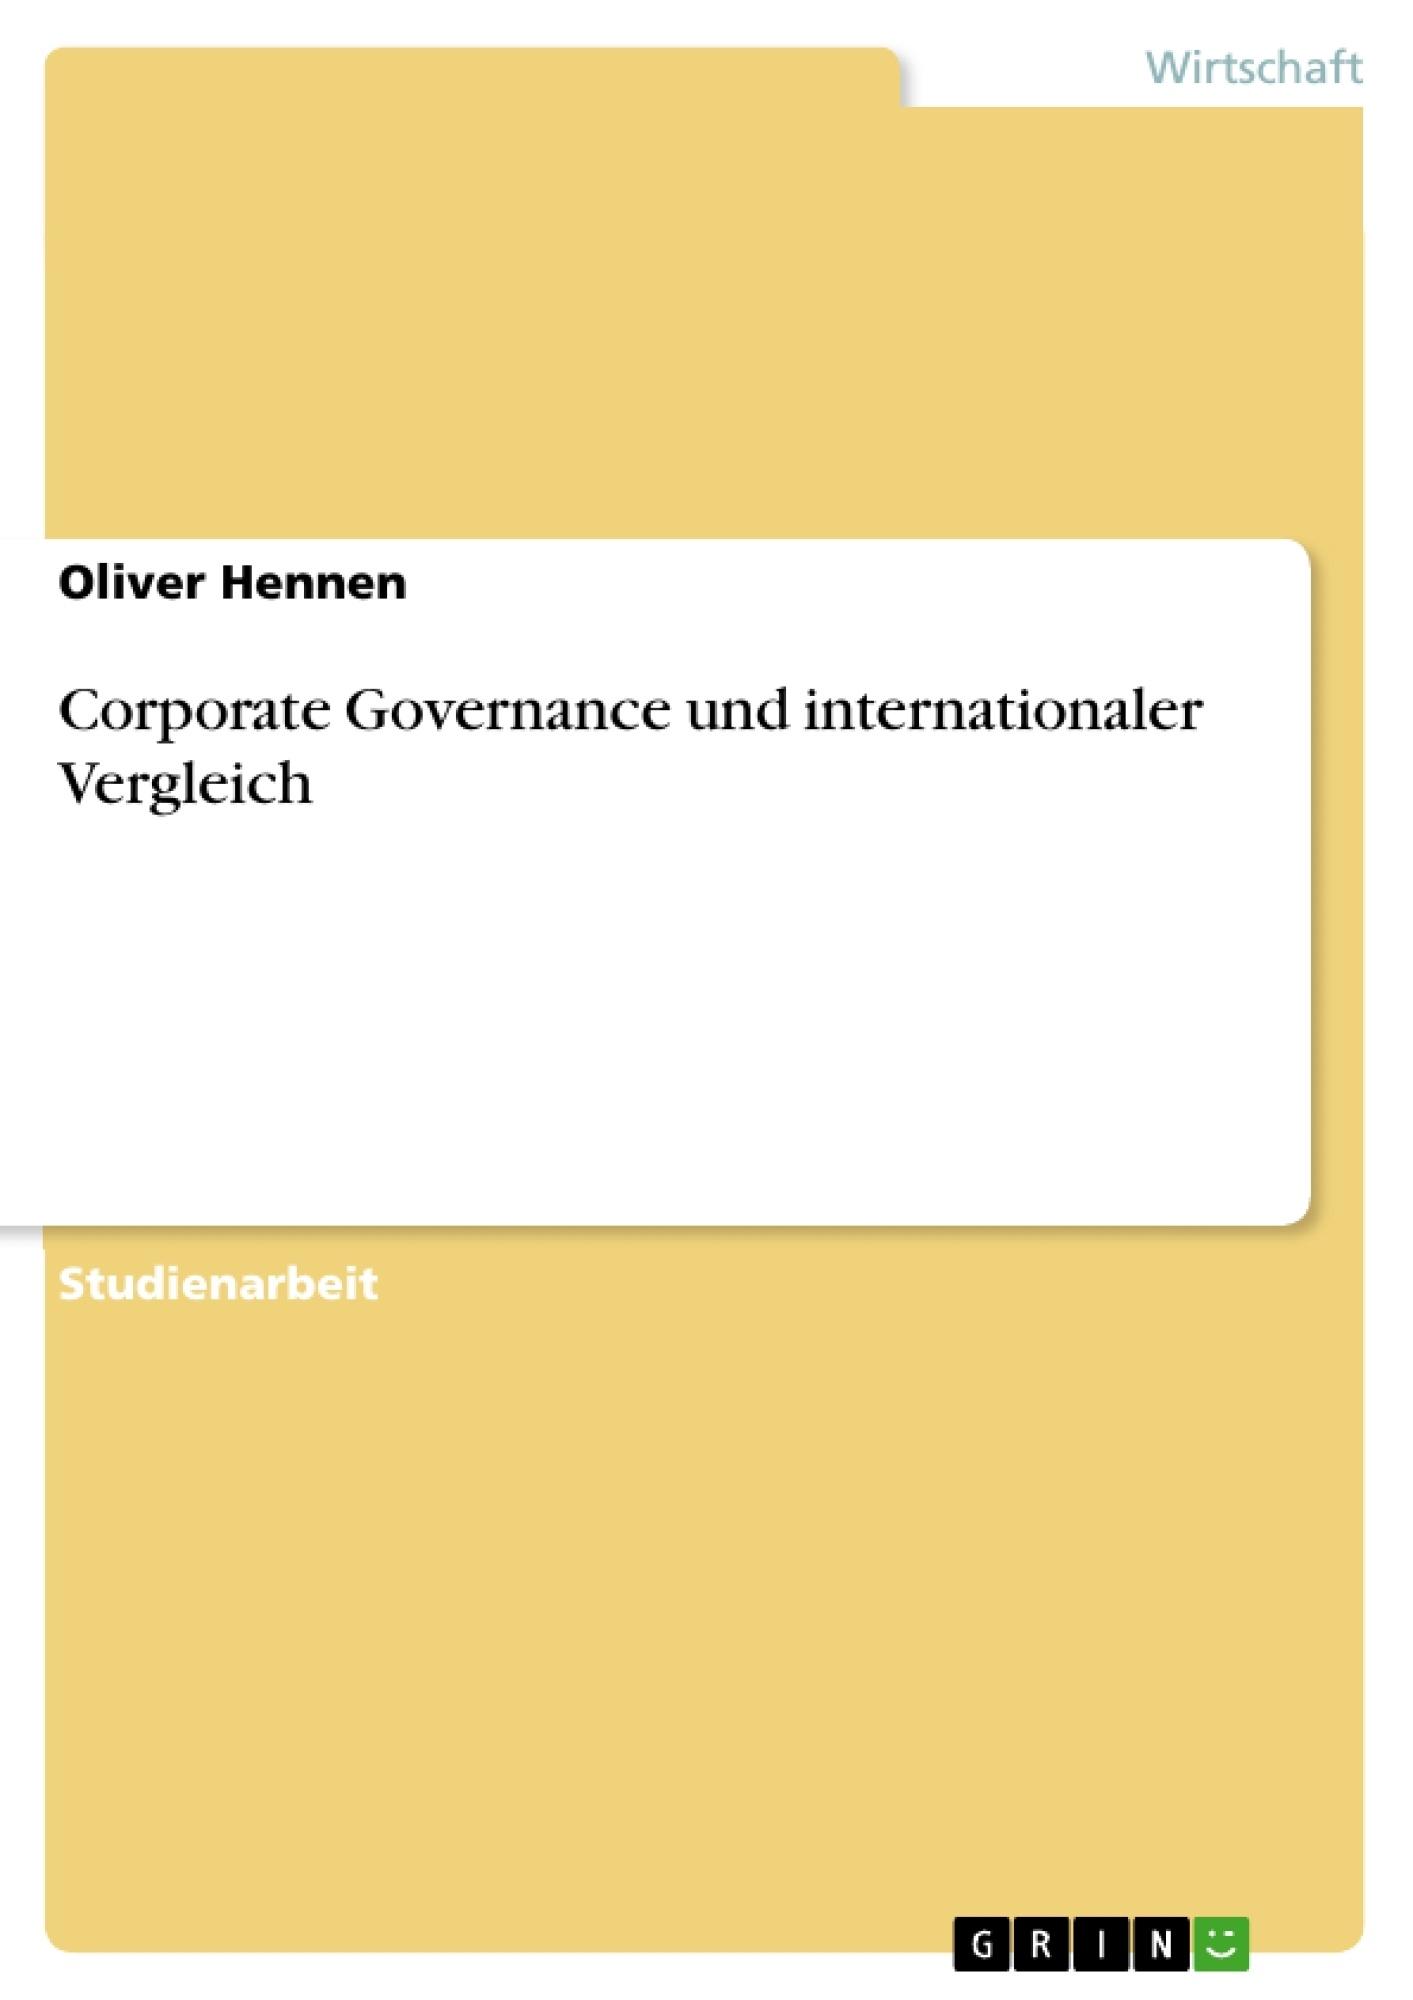 Titel: Corporate Governance und internationaler Vergleich